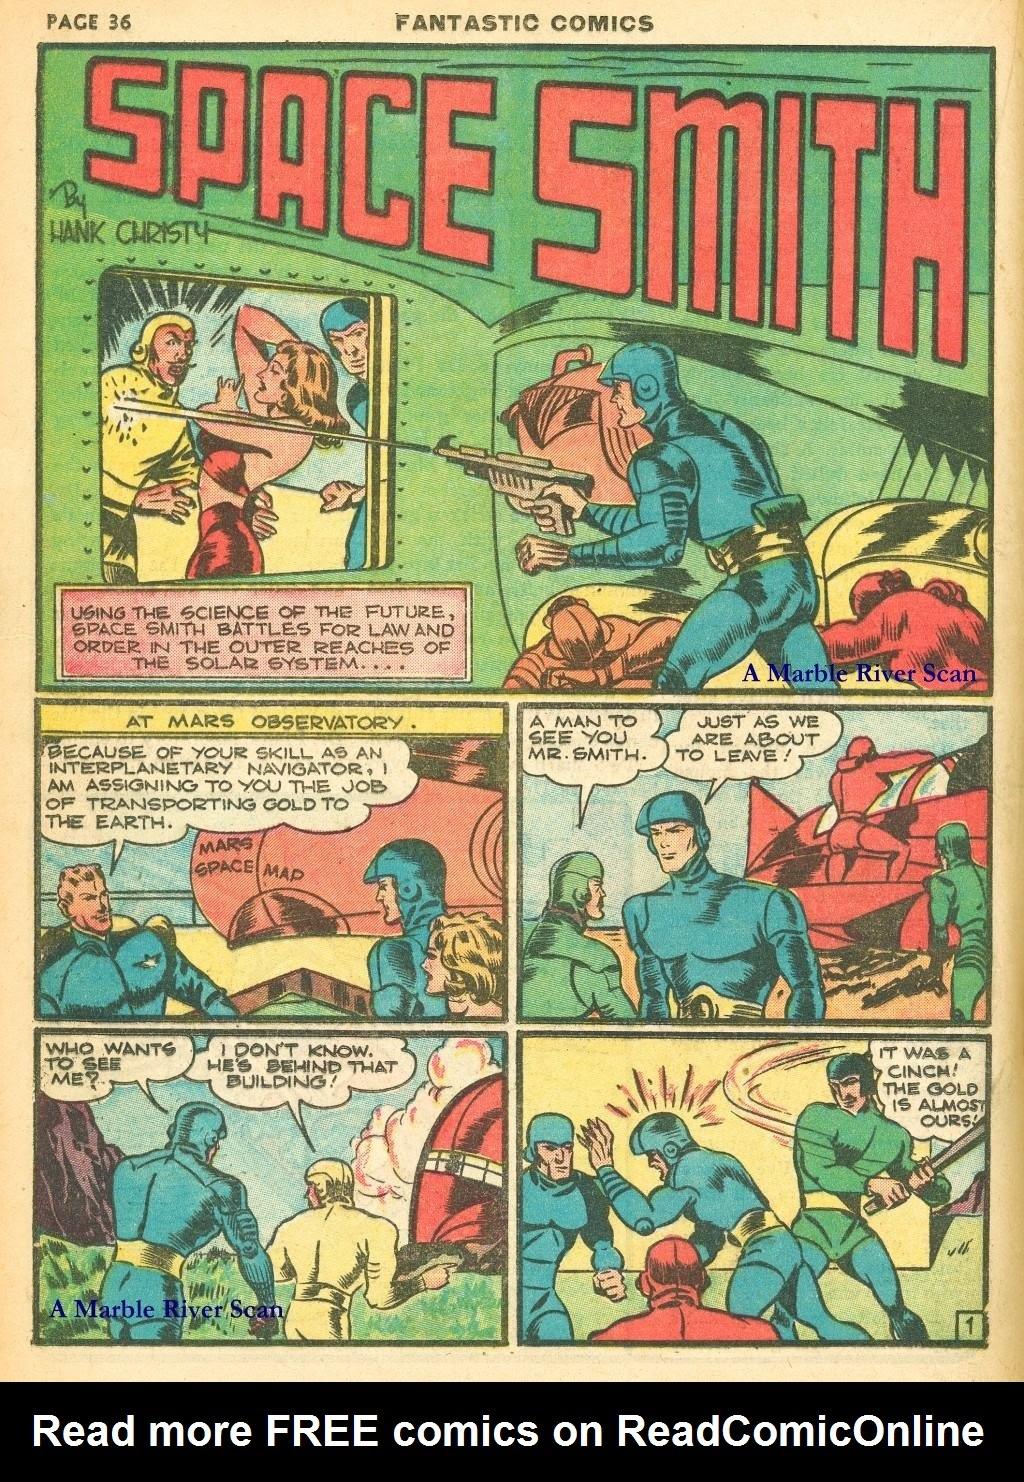 Read online Fantastic Comics comic -  Issue #12 - 38